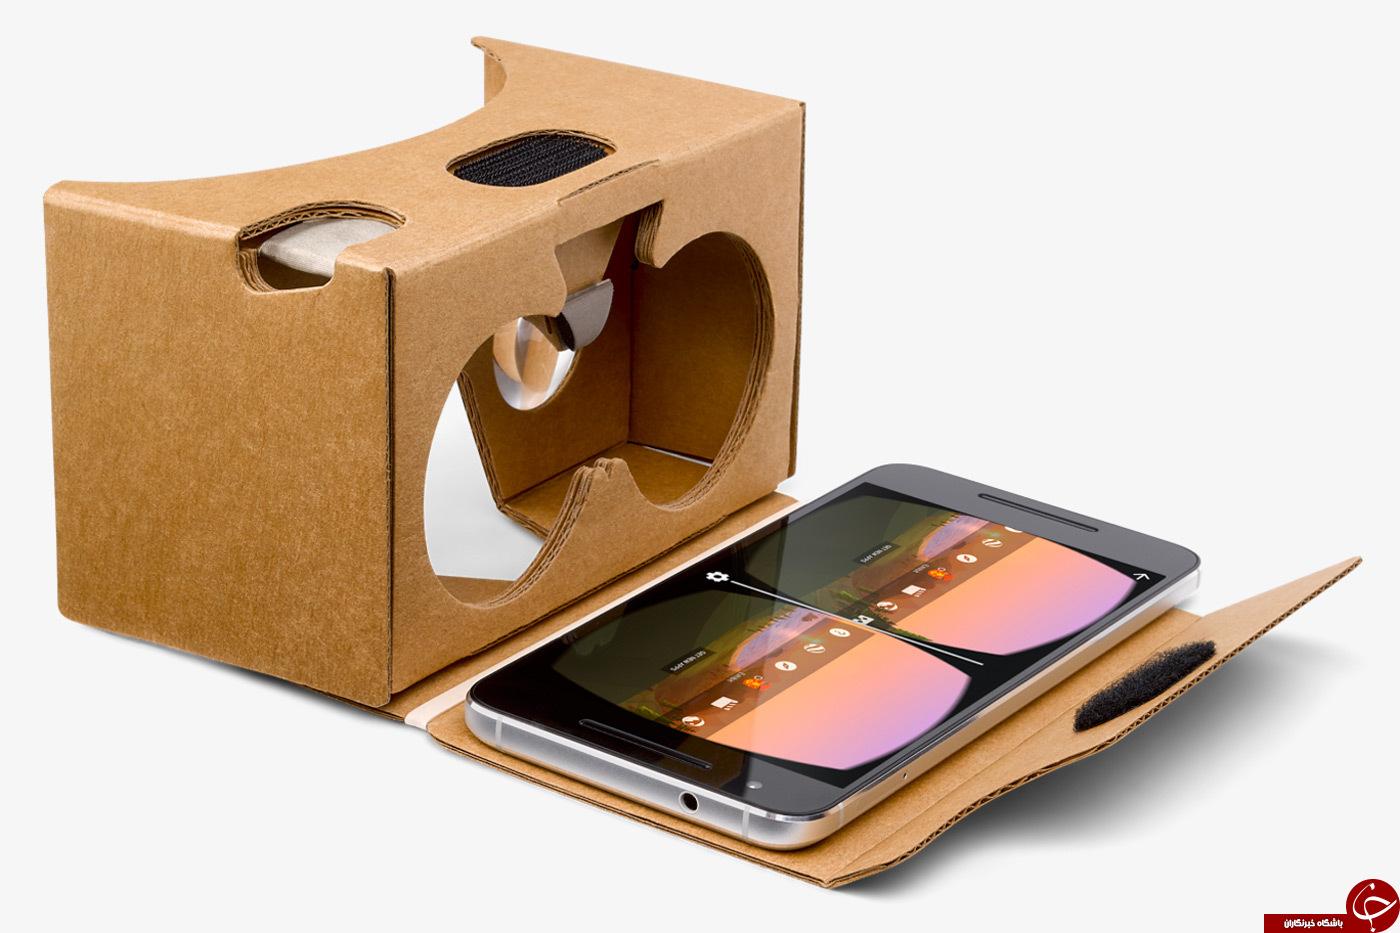 ورود عینک های مقوایی واقعیت مجازی به گوگل استور + عکس